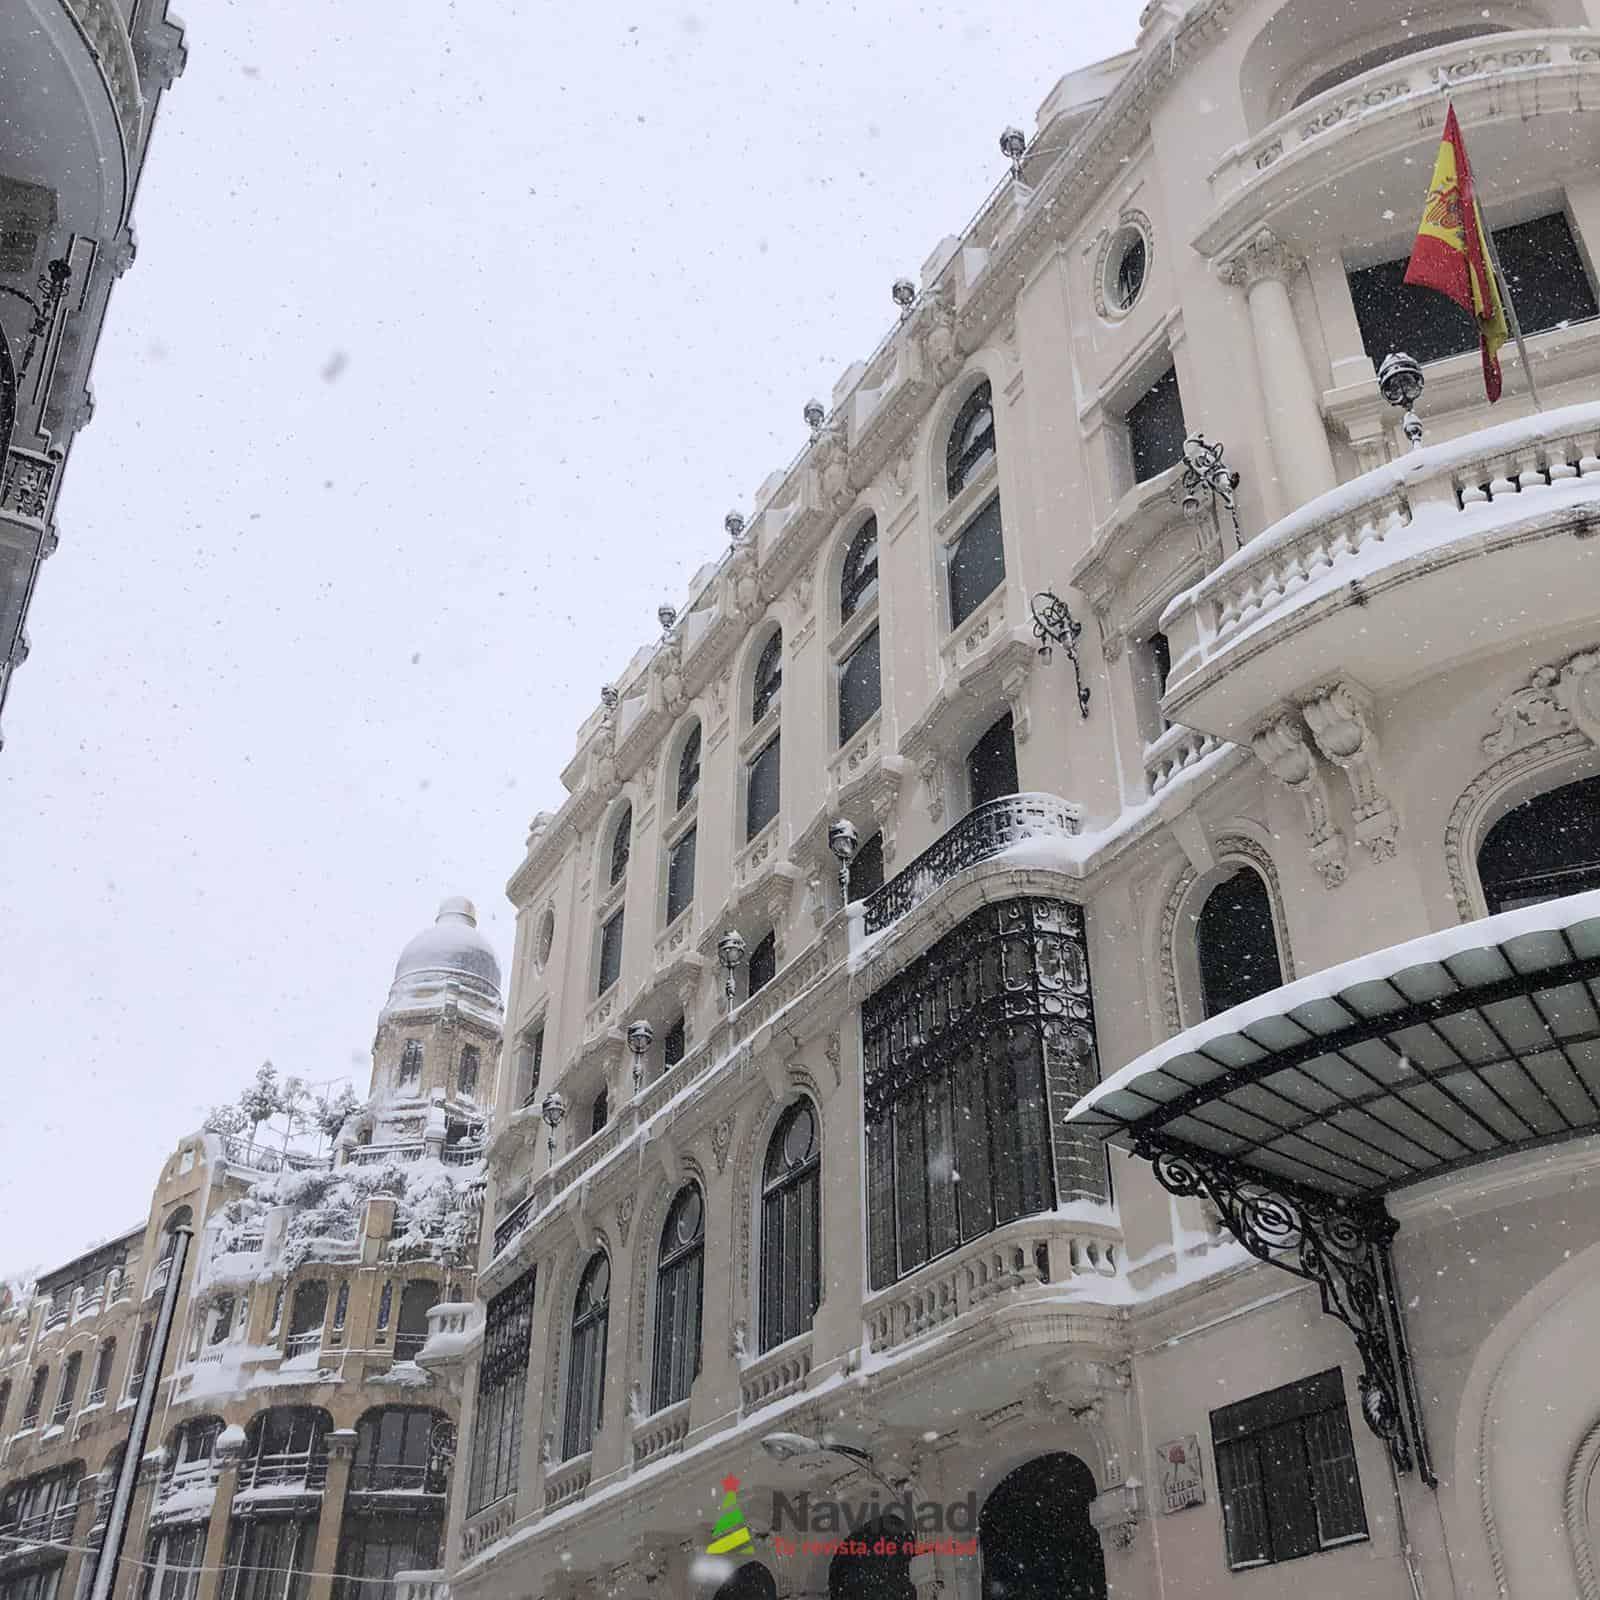 Fotografías de la nevada de enero en Madrid (España) 104